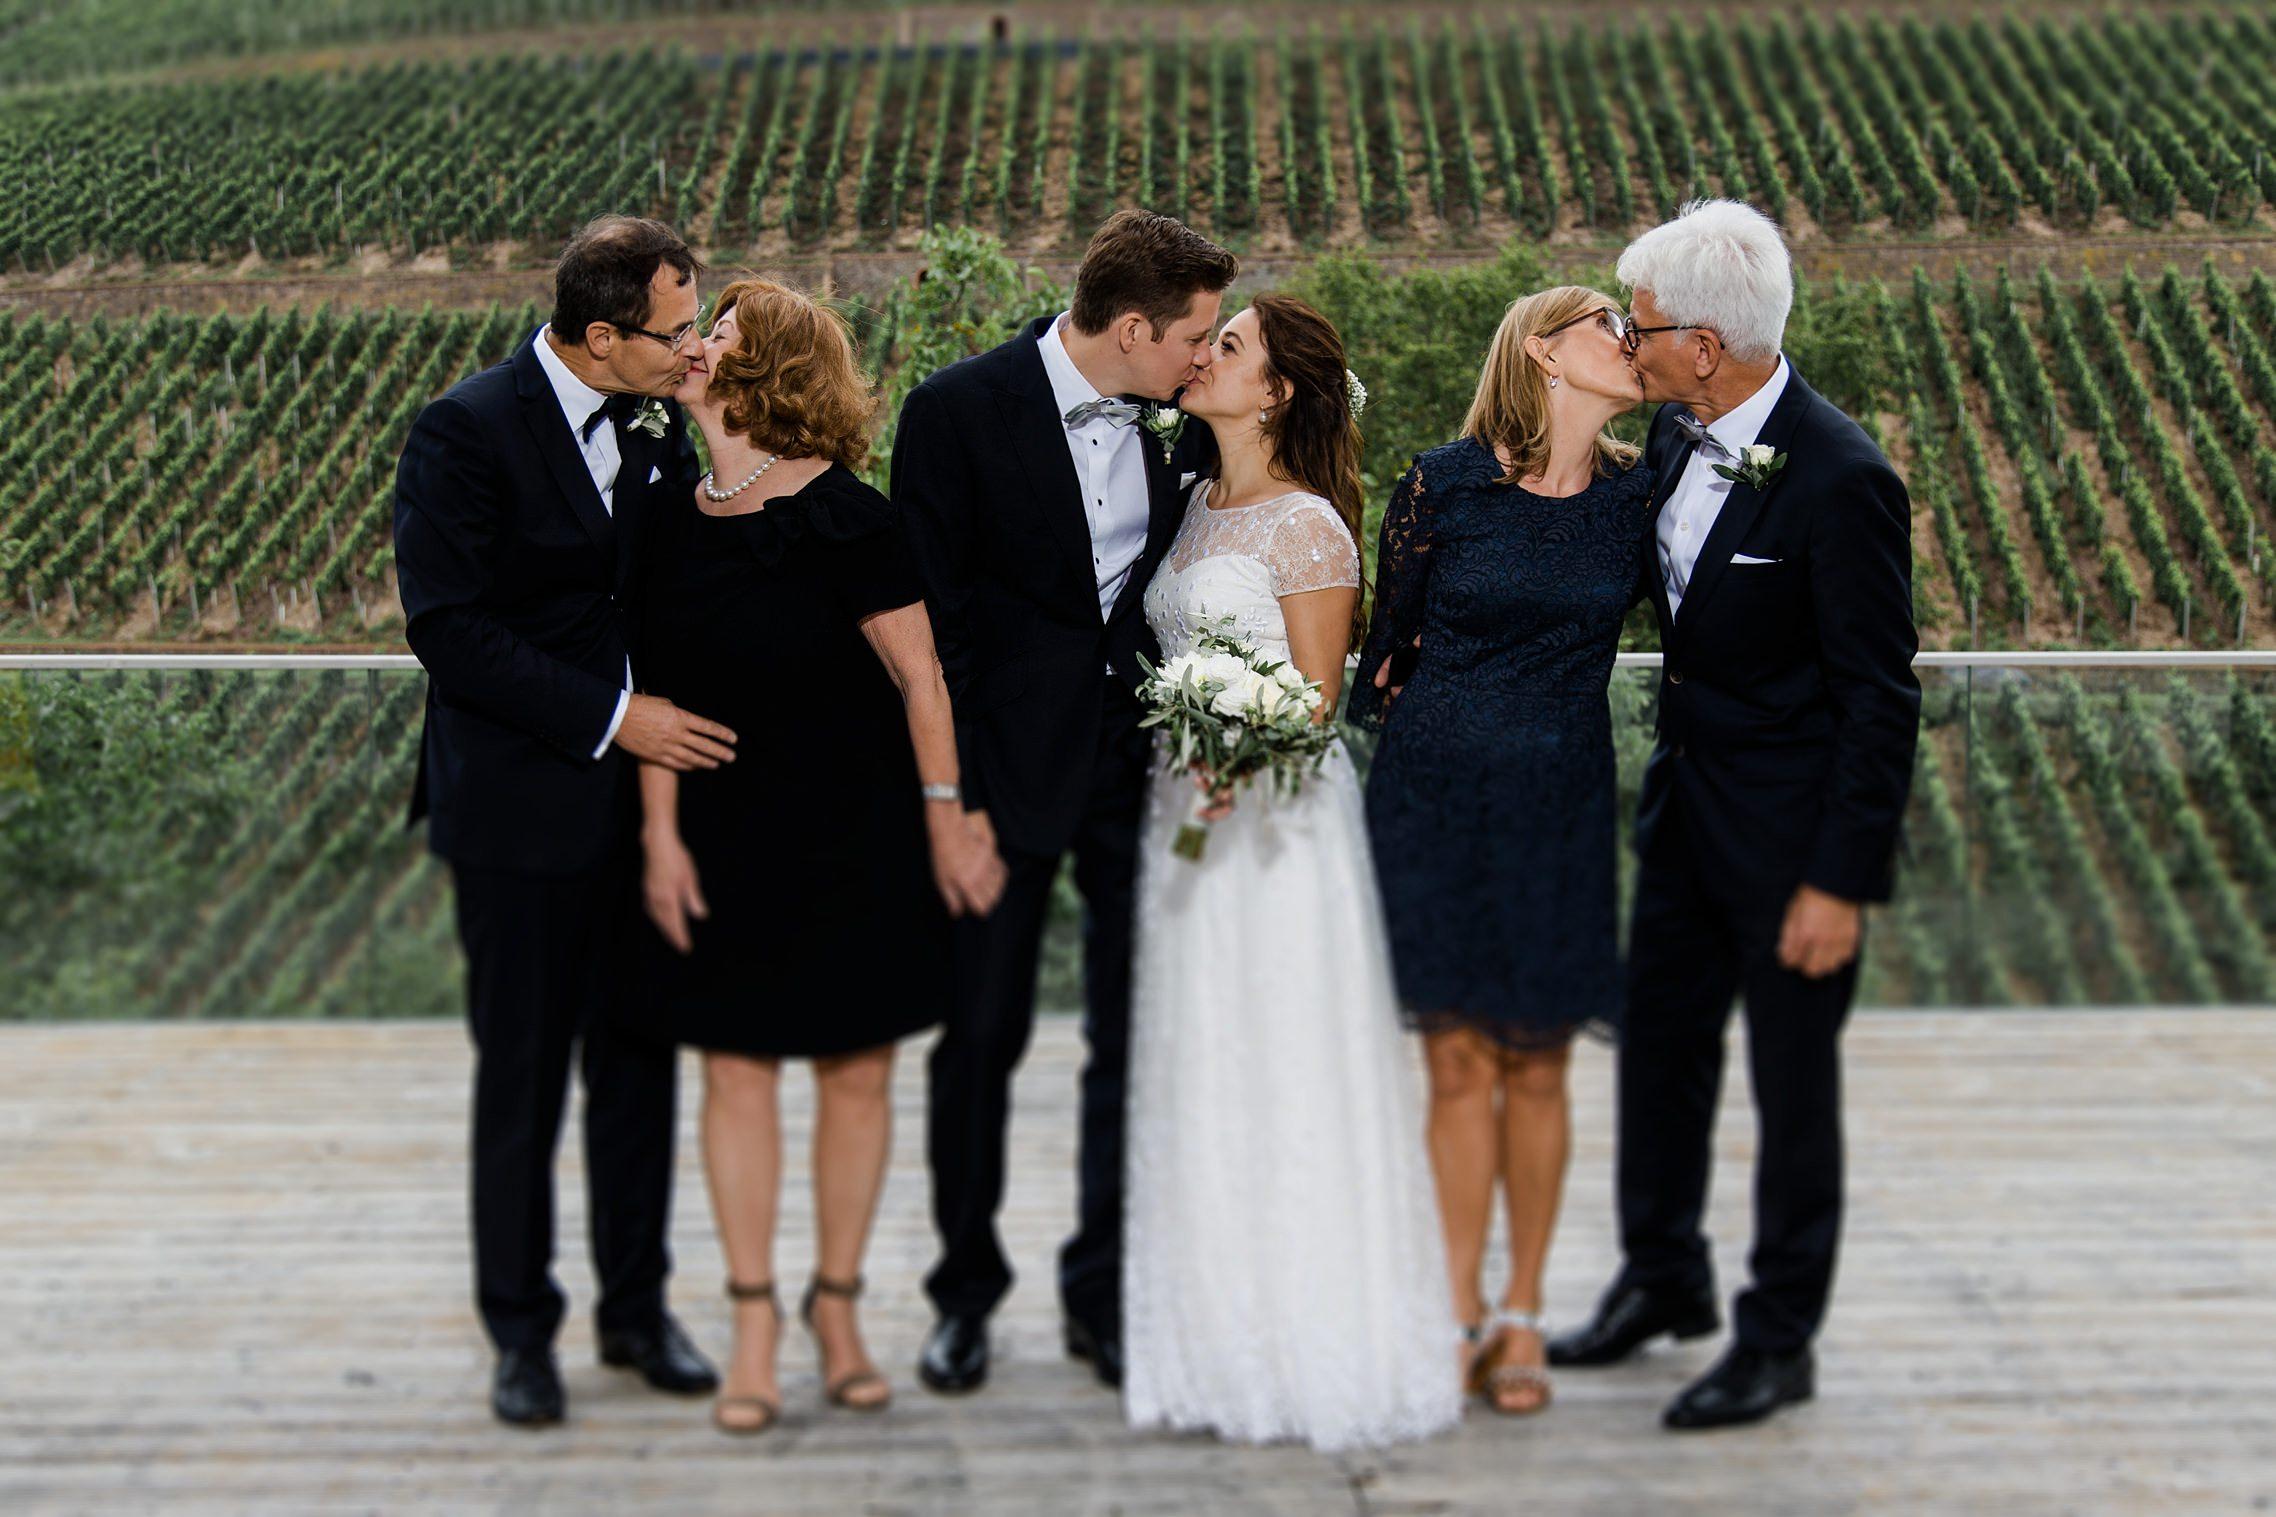 Lustiges Familienbild: die Eltern des Brautpaares küssen sich zeitglich mit dem Hochzeitspaar auf dem Gut Hermannsberg.